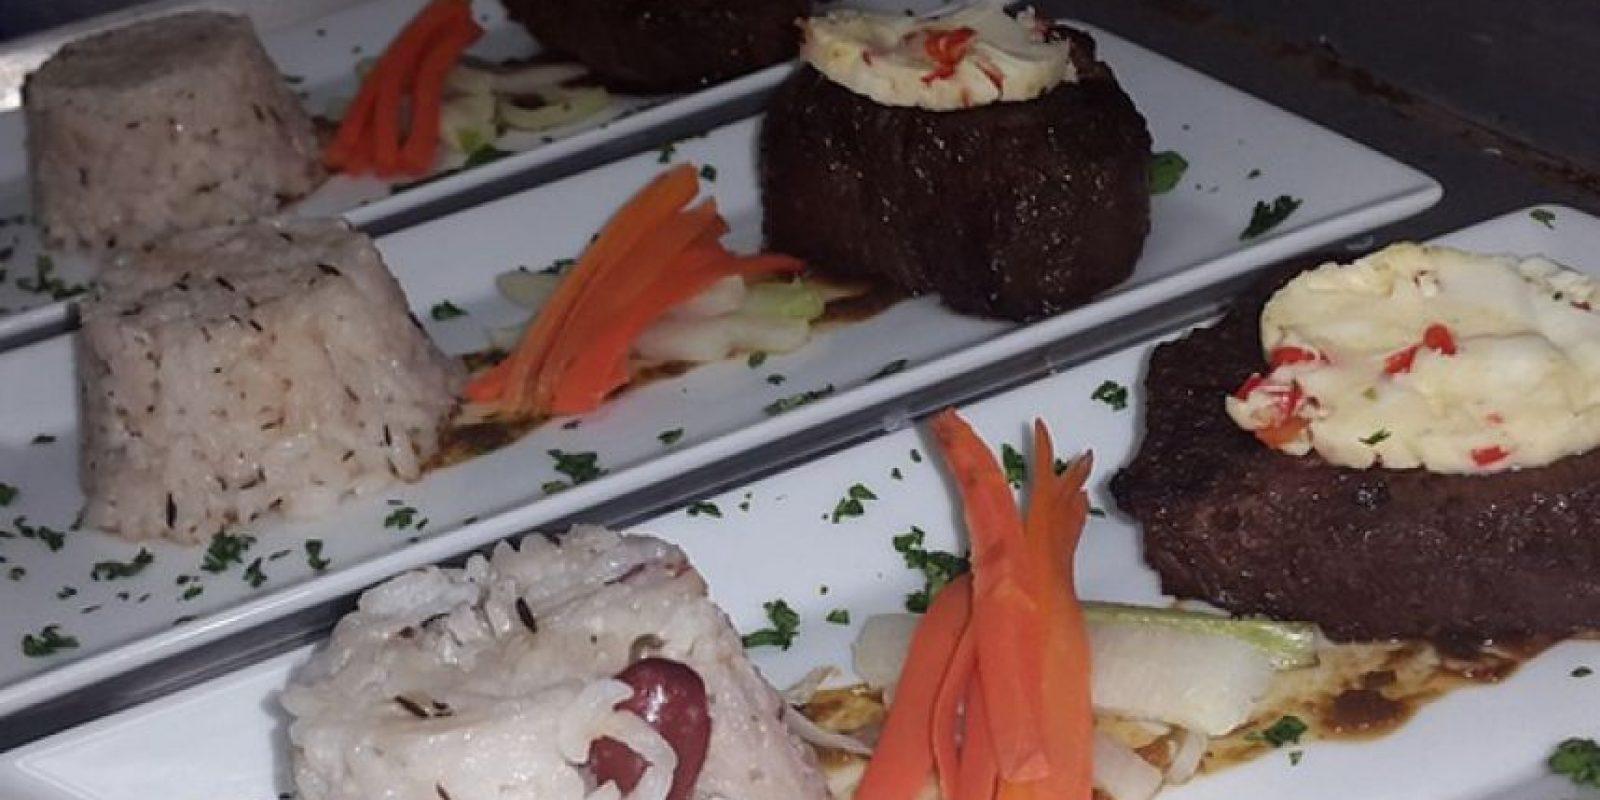 Cuando les decimos que sabe cocinar es que sabe cocinar. Un plato jamaiquino hecho por ella. Foto:Facebook/Kaci Fennell.